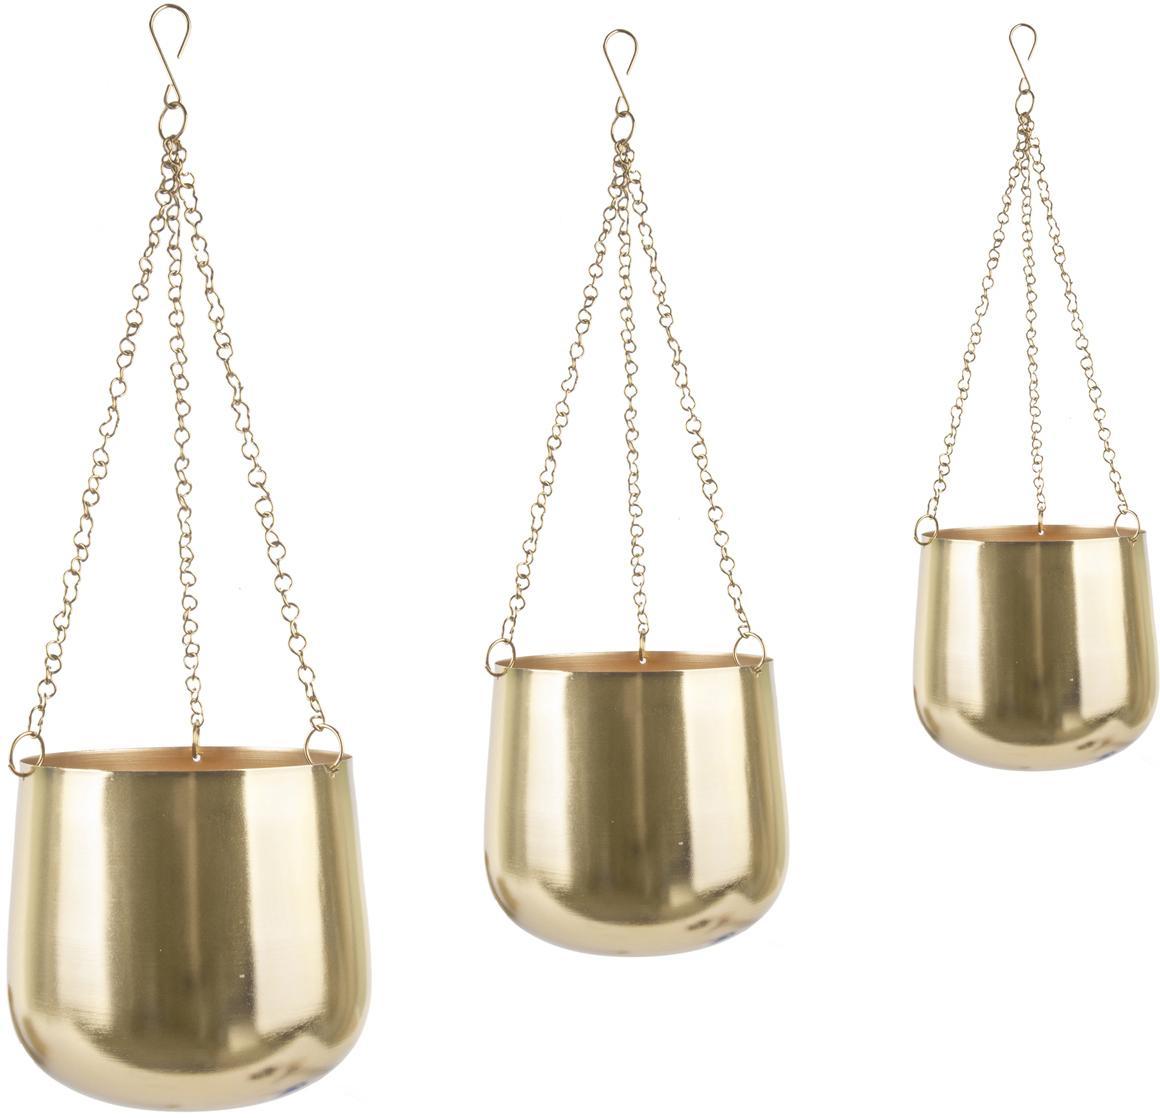 Set portavasi pensili Cask, 3 pz., Metallo verniciato, Dorato, Diverse dimensioni